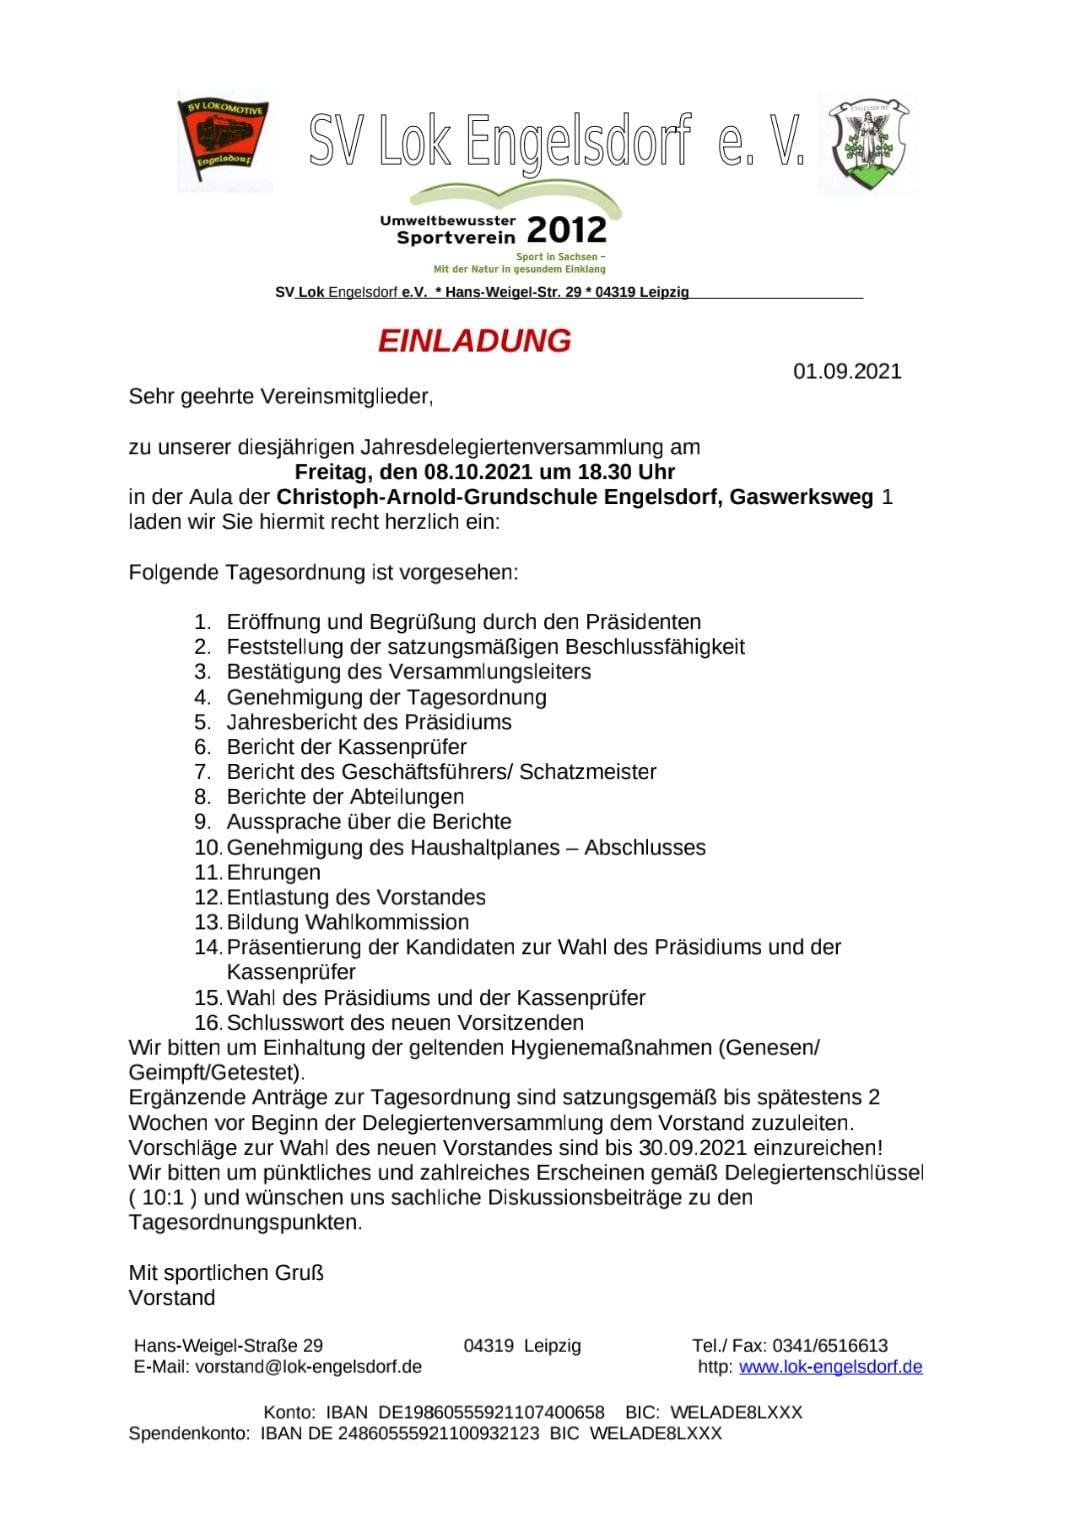 Einladung zur Jahresdelegiertenversammlung